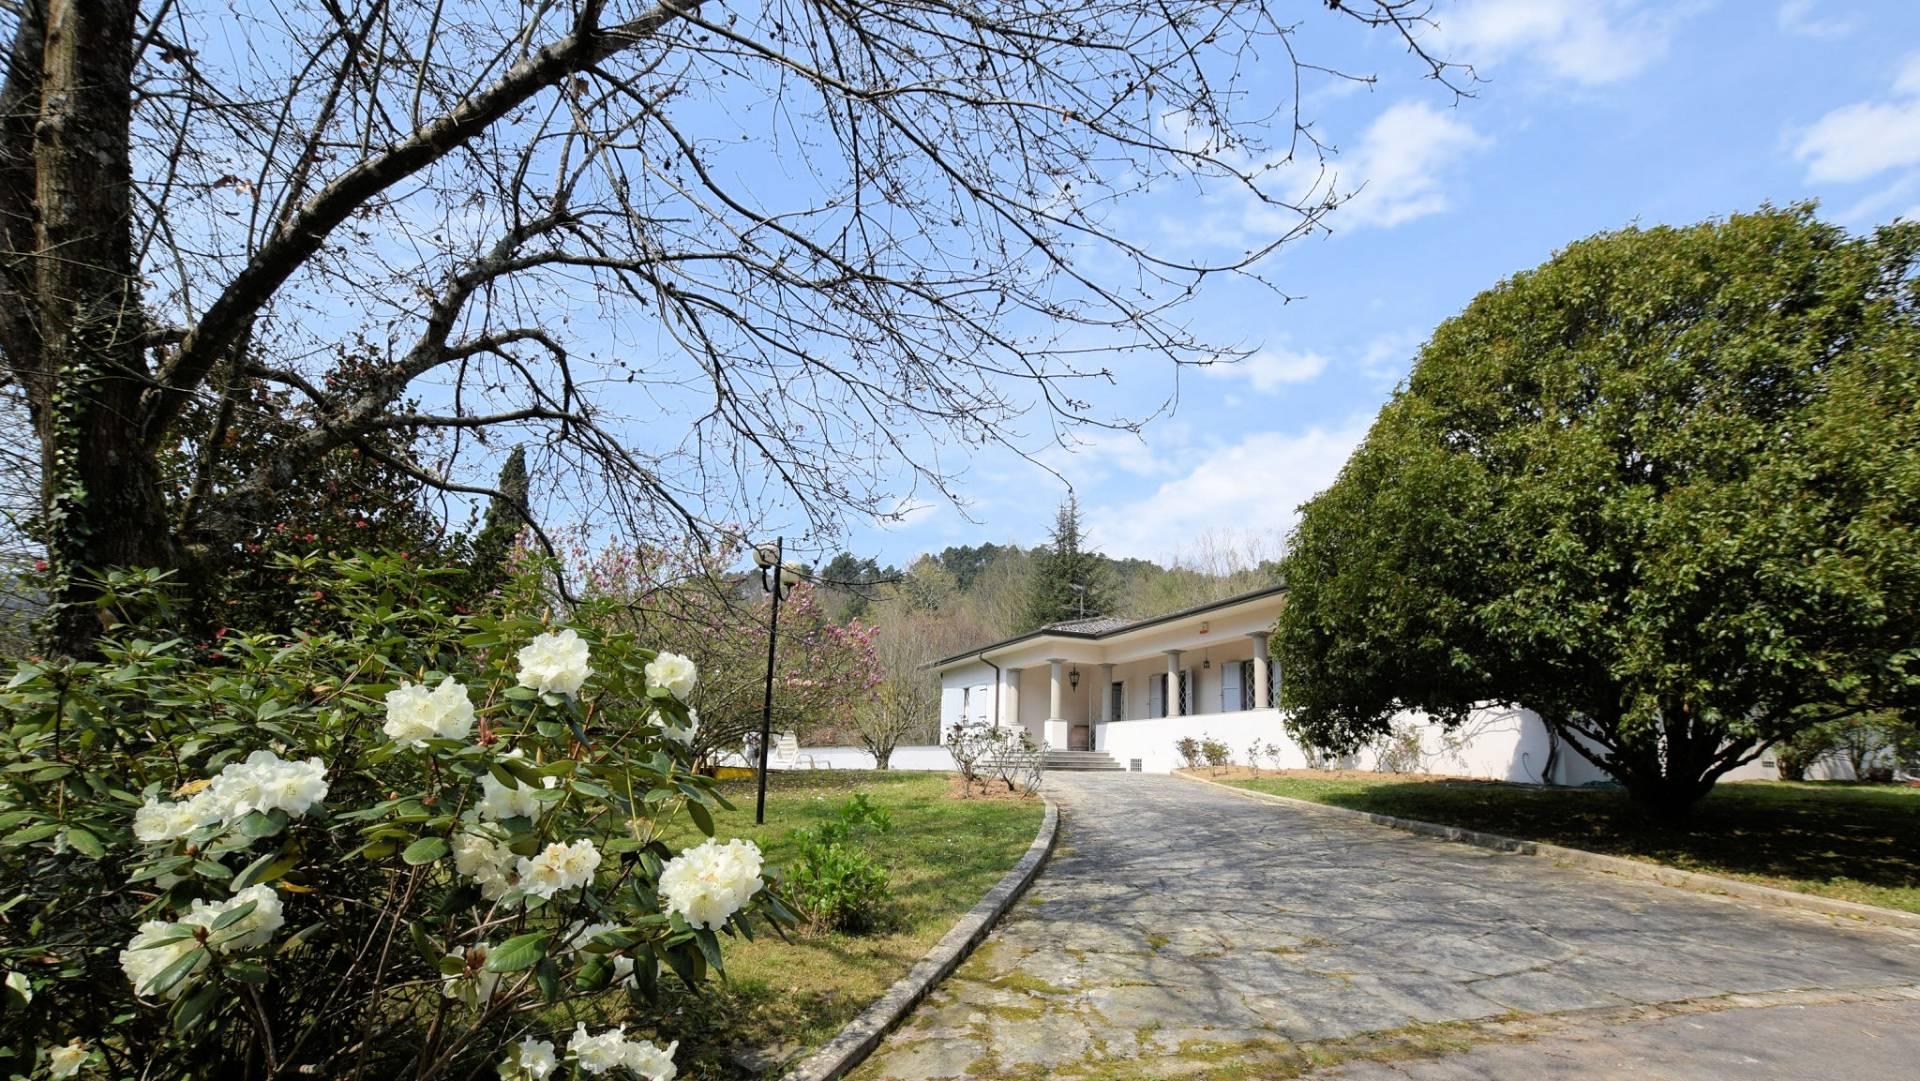 1153-Villa in collina con parco-Camaiore-1 Agenzia Immobiliare ASIP